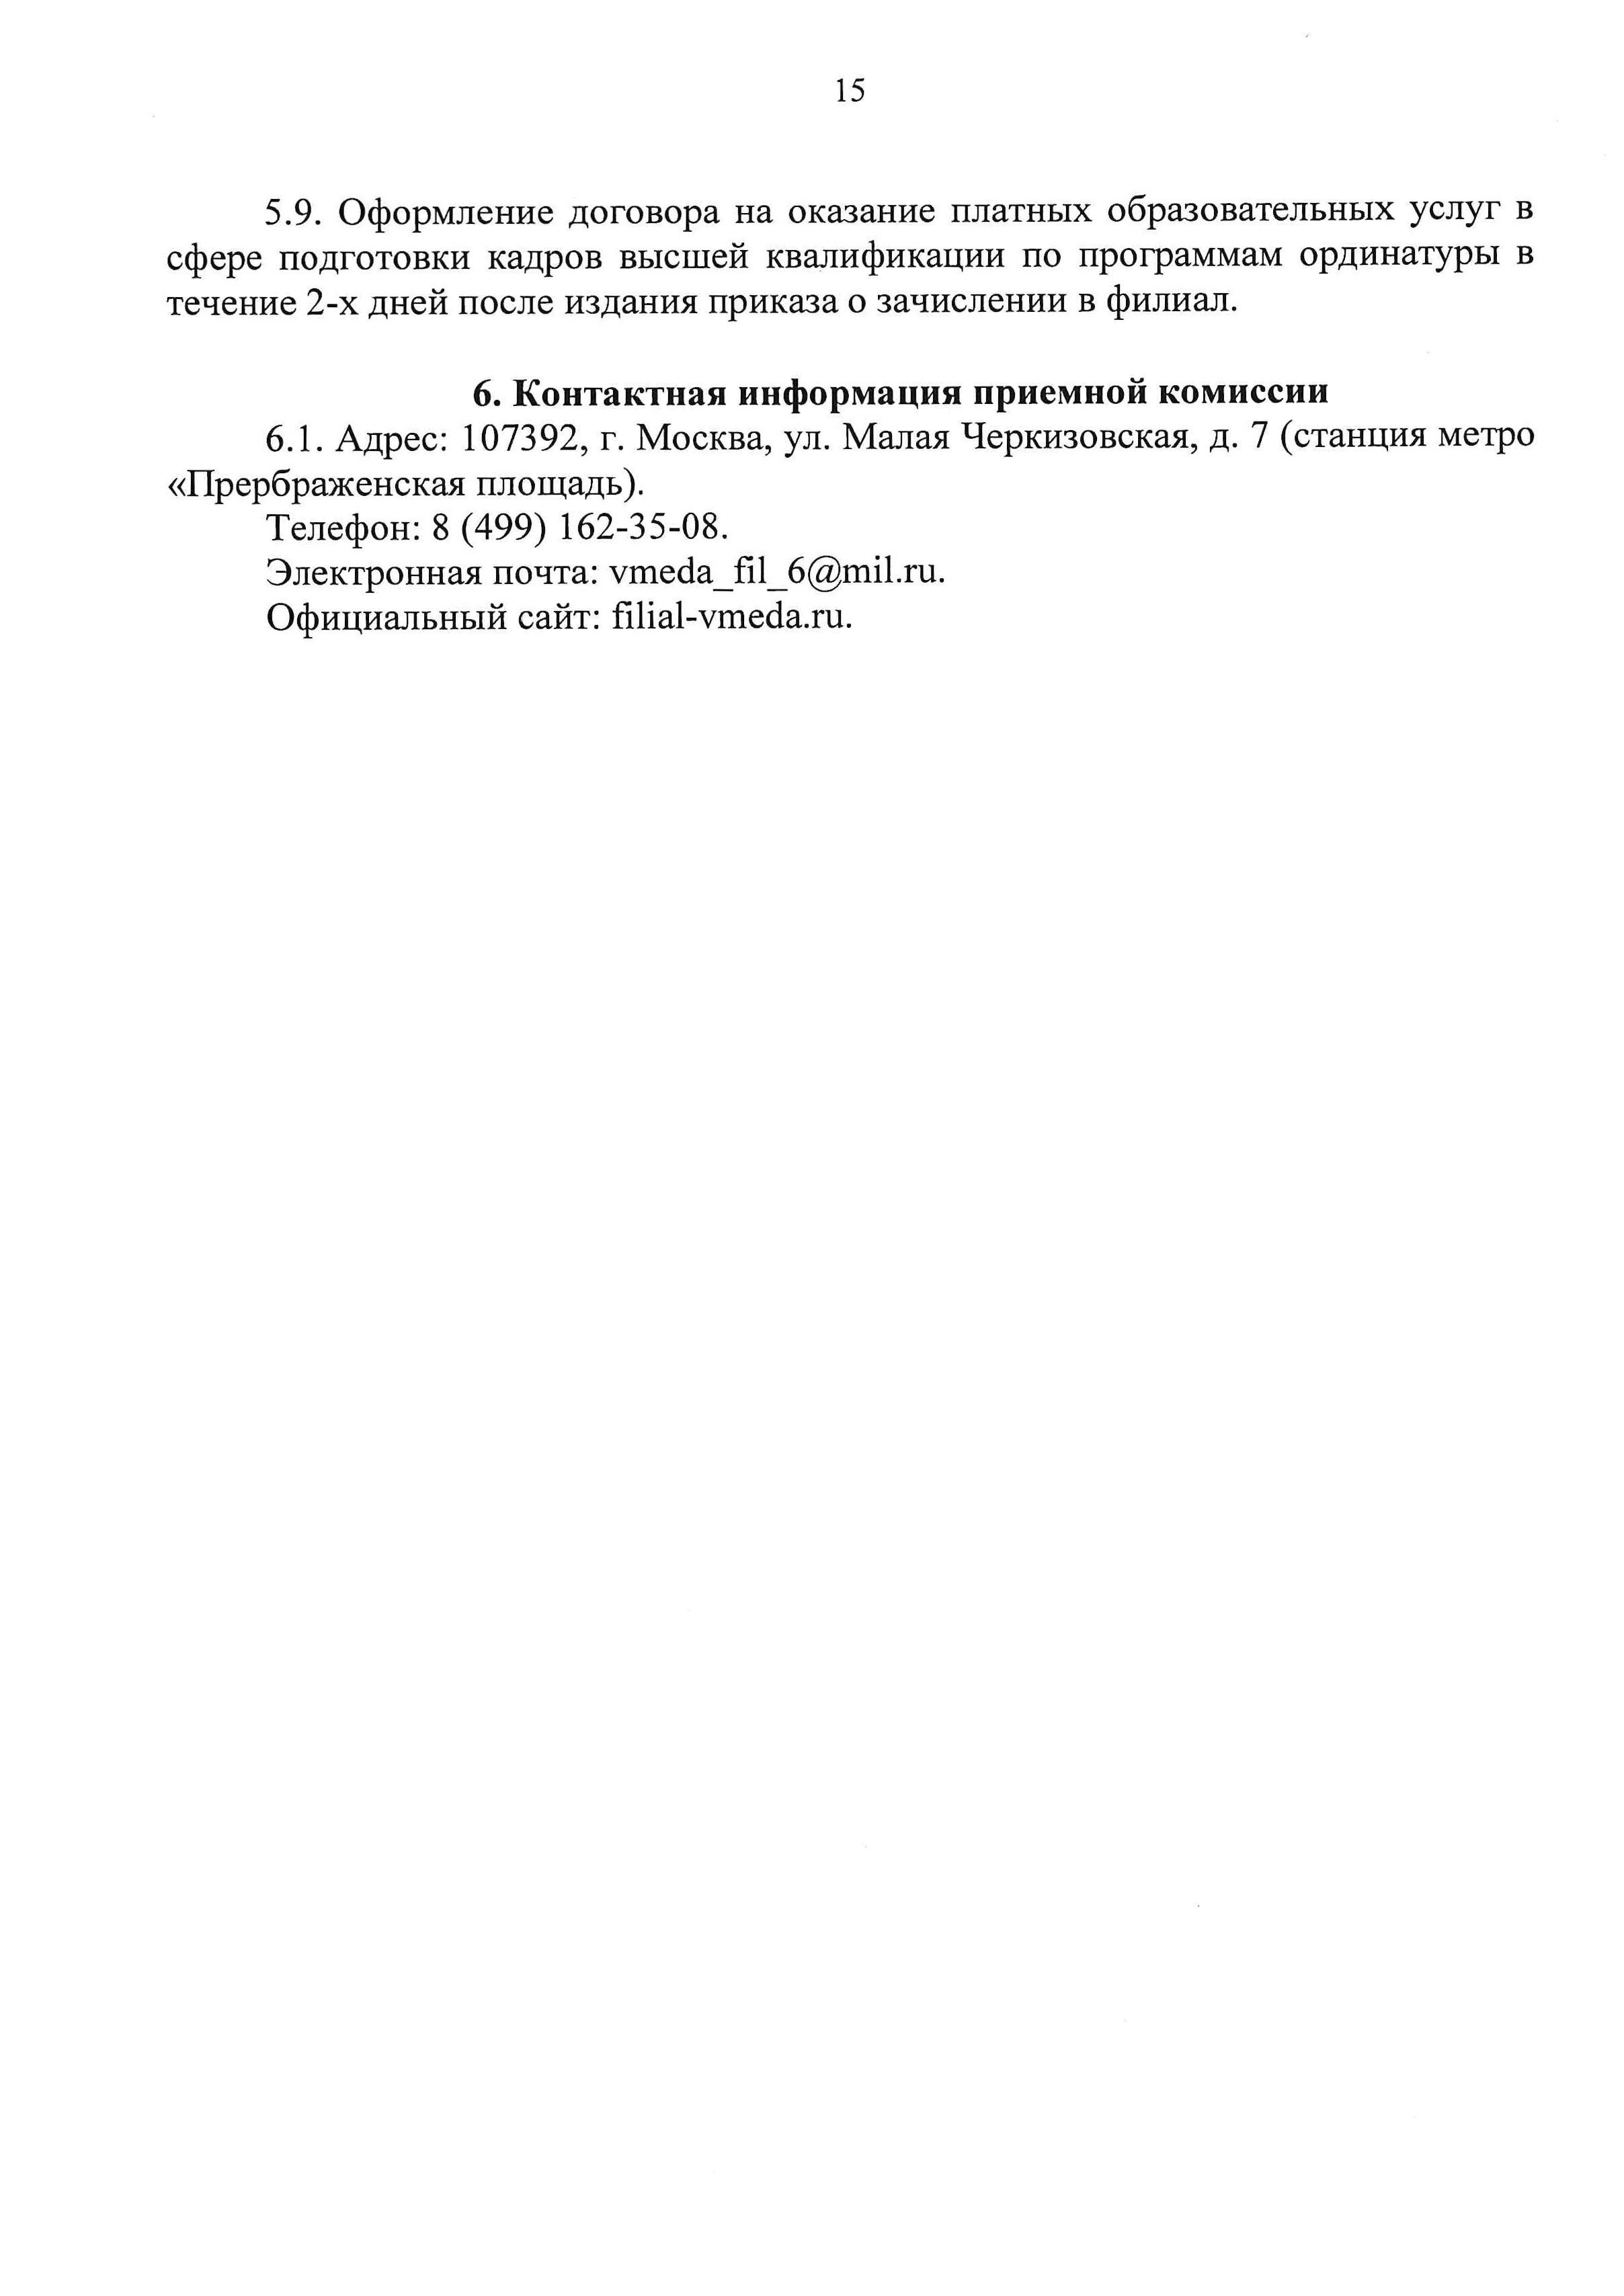 Правила приёма в ординатуру 2021-2022